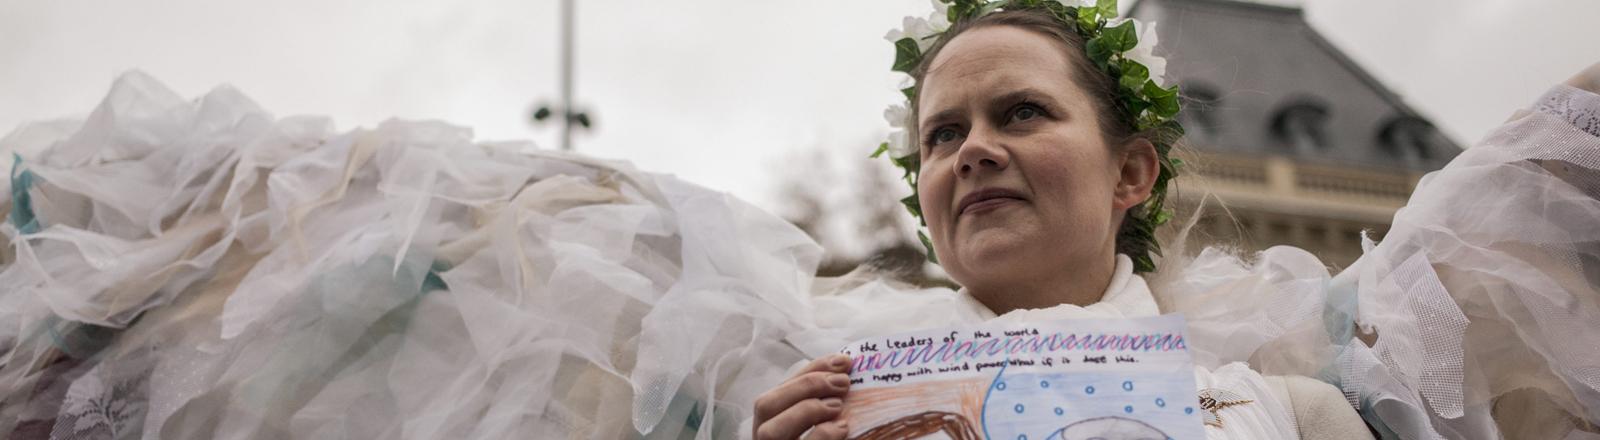 Eine Demonstrantin gegen den Klimagipfel in Paris trägt ein Engelskostüm